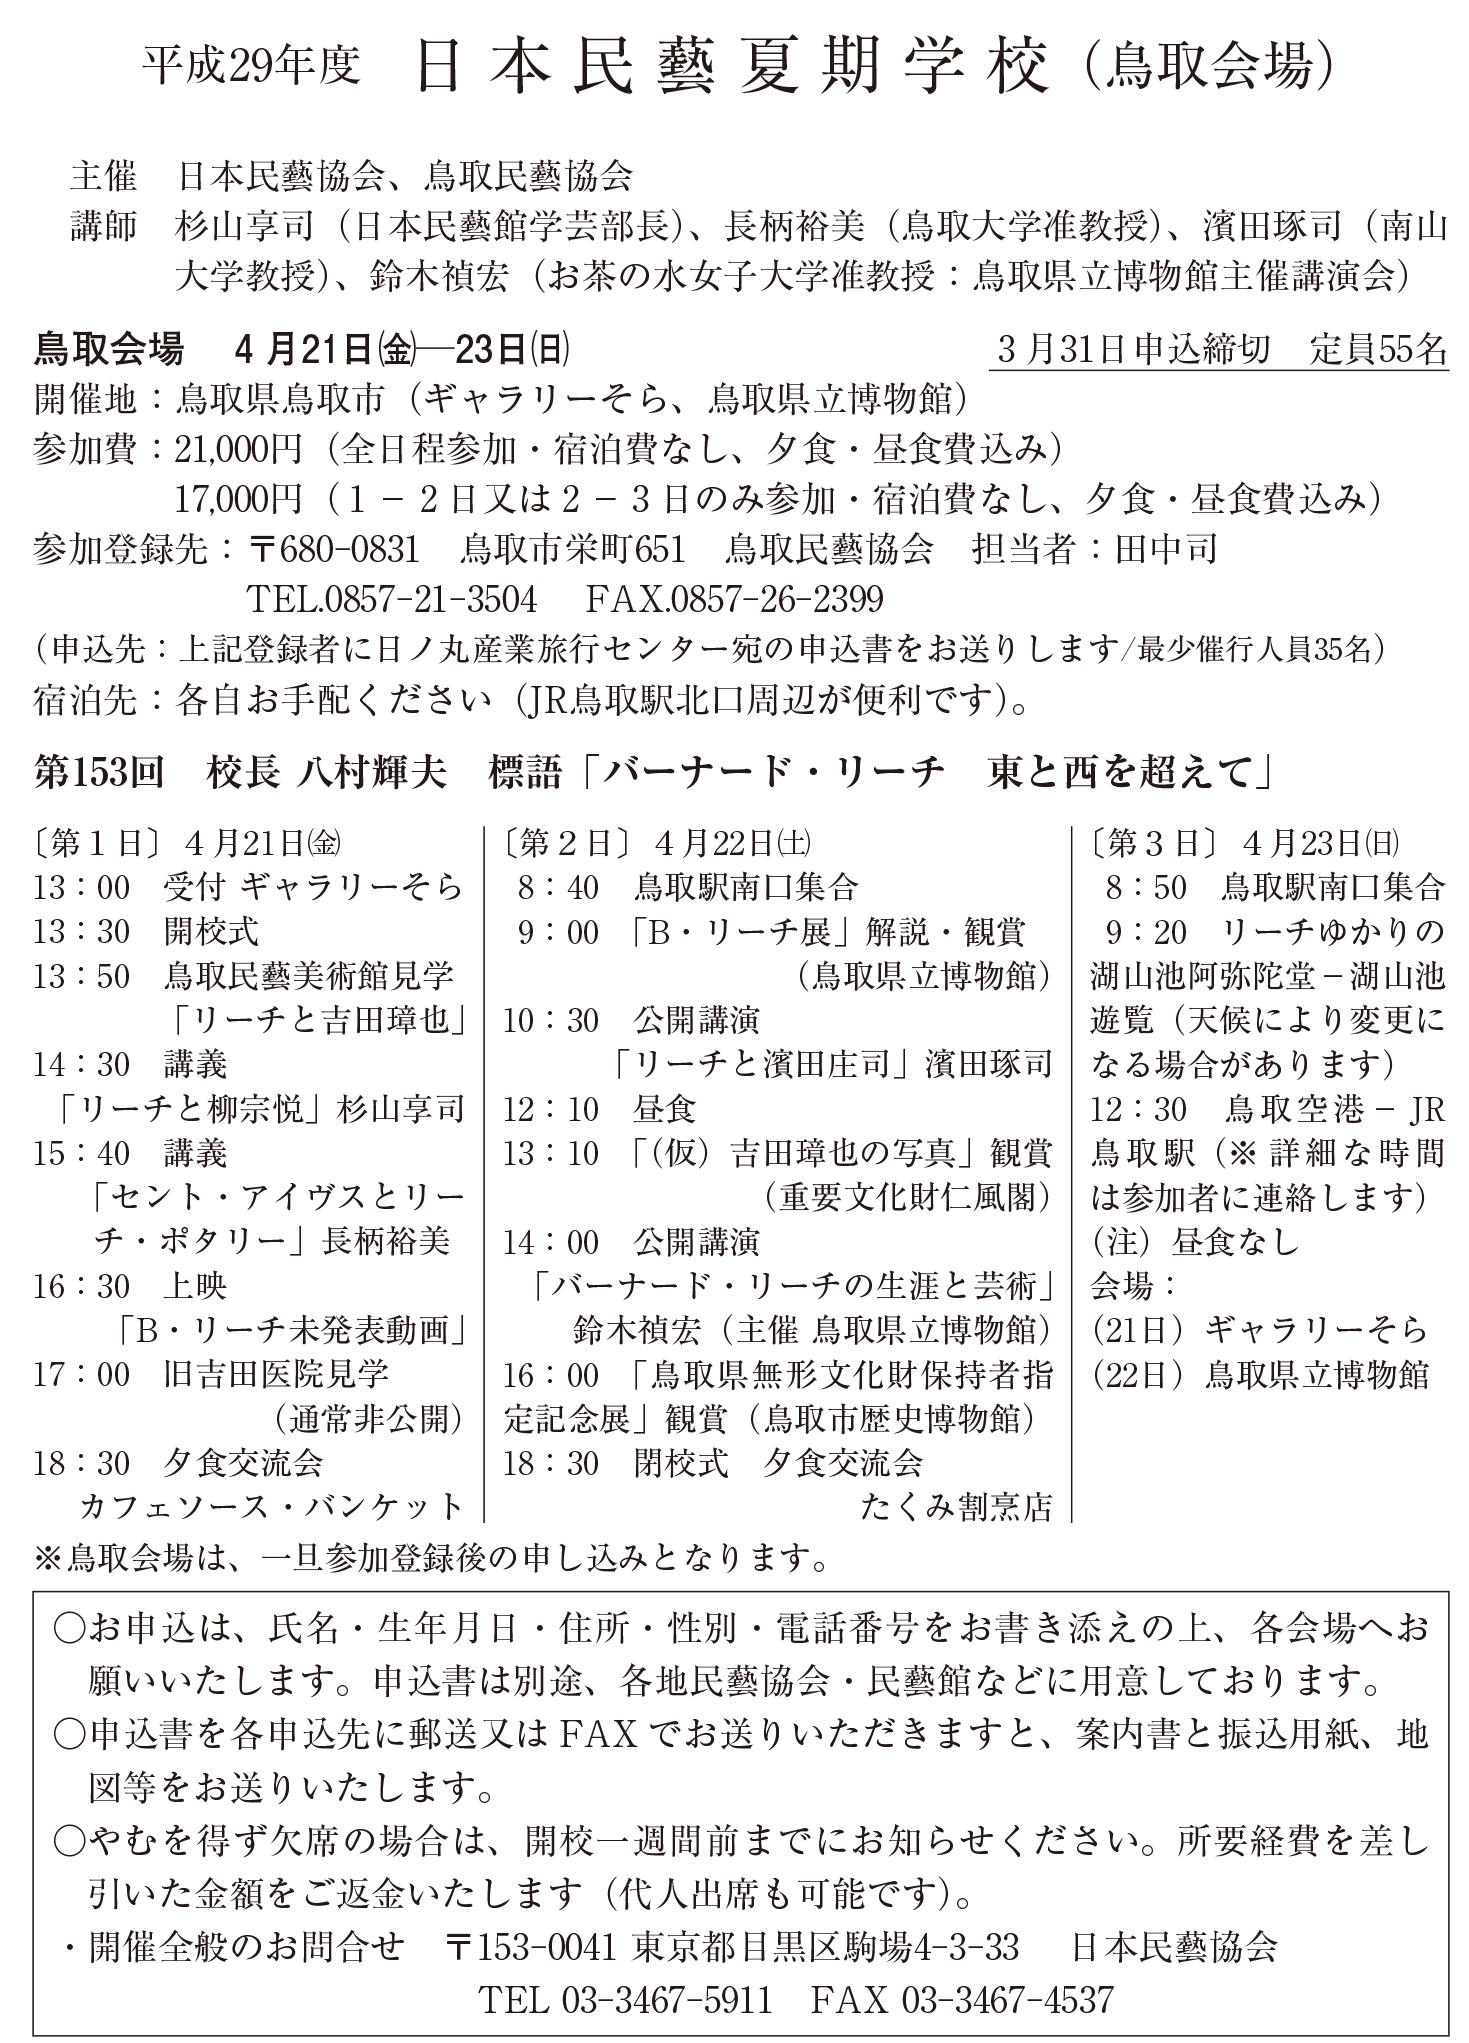 日本民藝協会夏期学校(鳥取会場)開催!!_f0197821_1140572.png